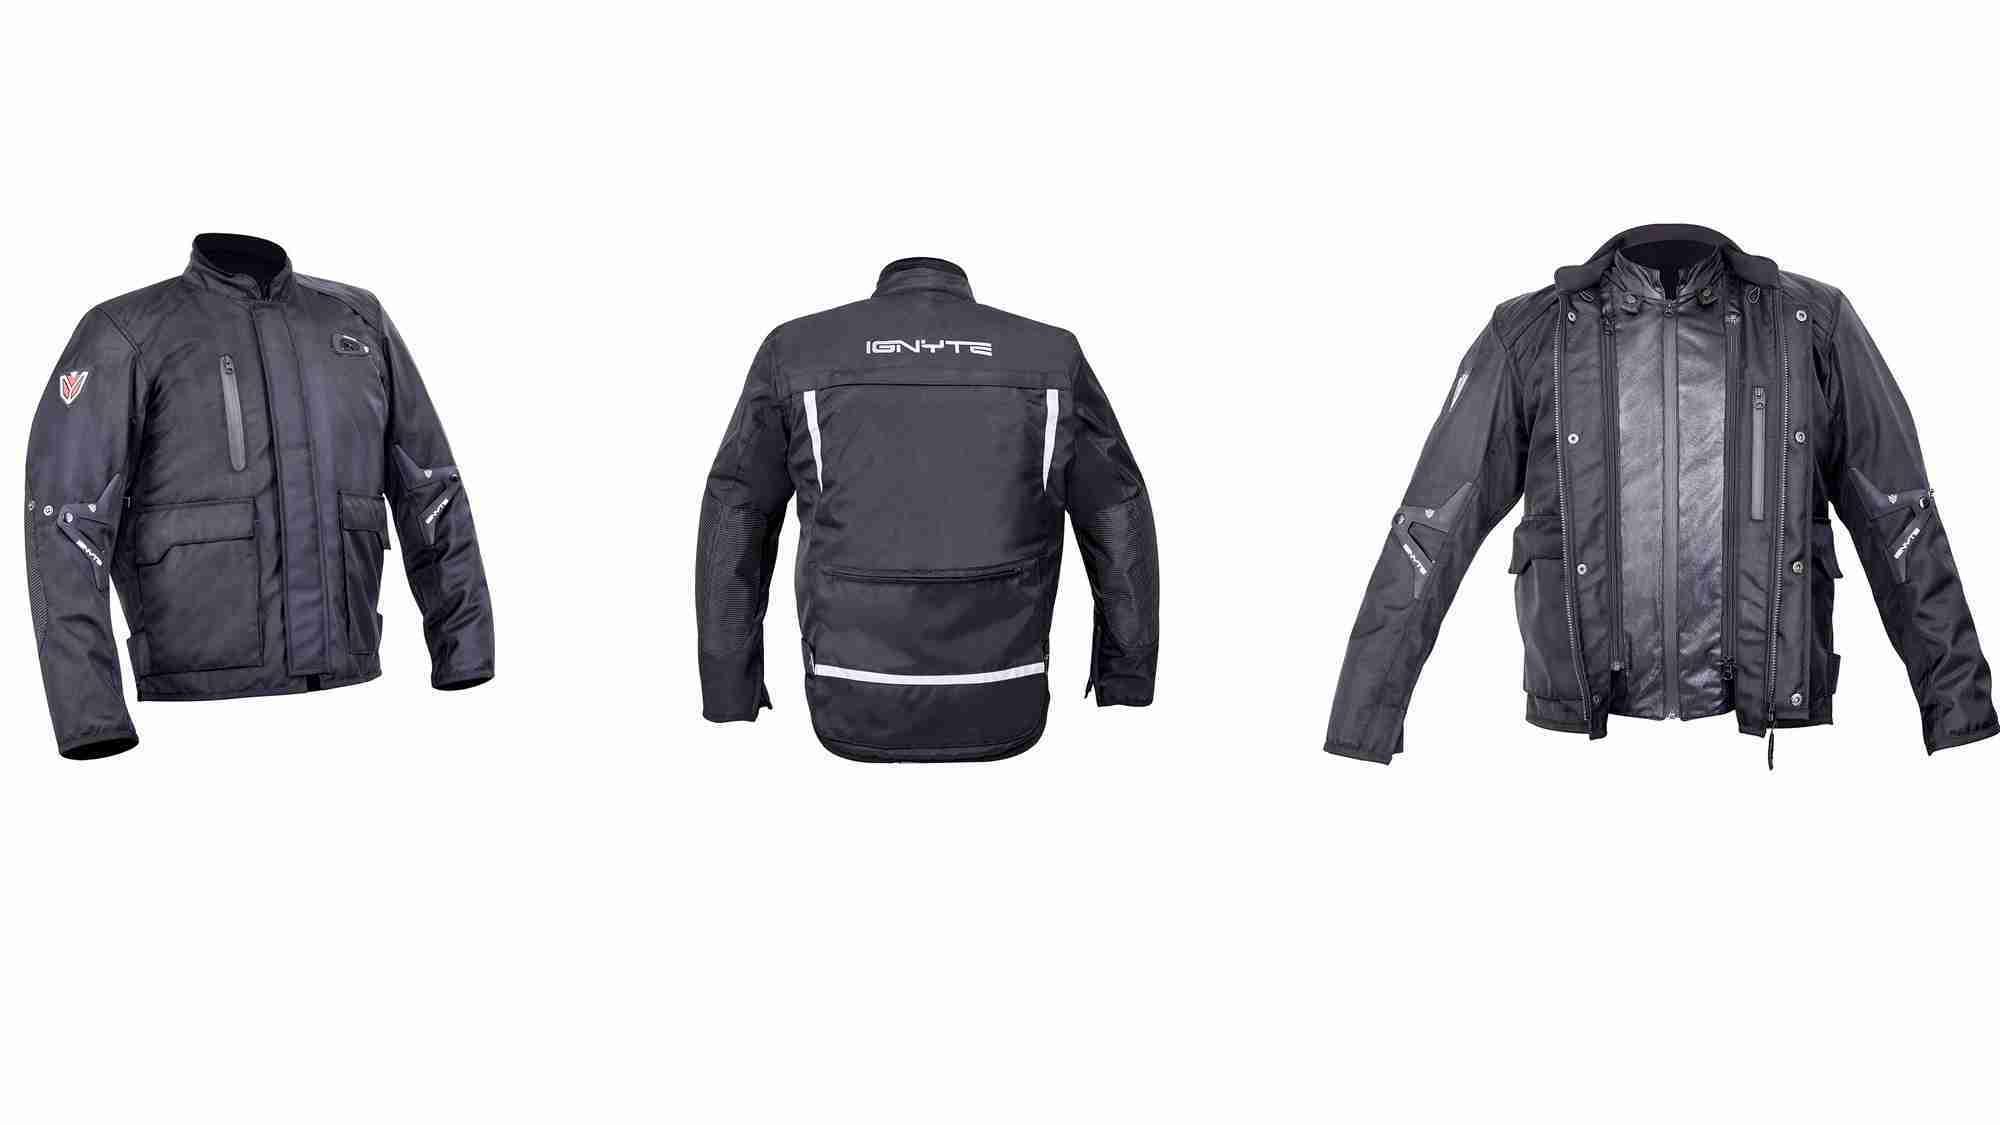 IGNYTE Rider Pro jacket